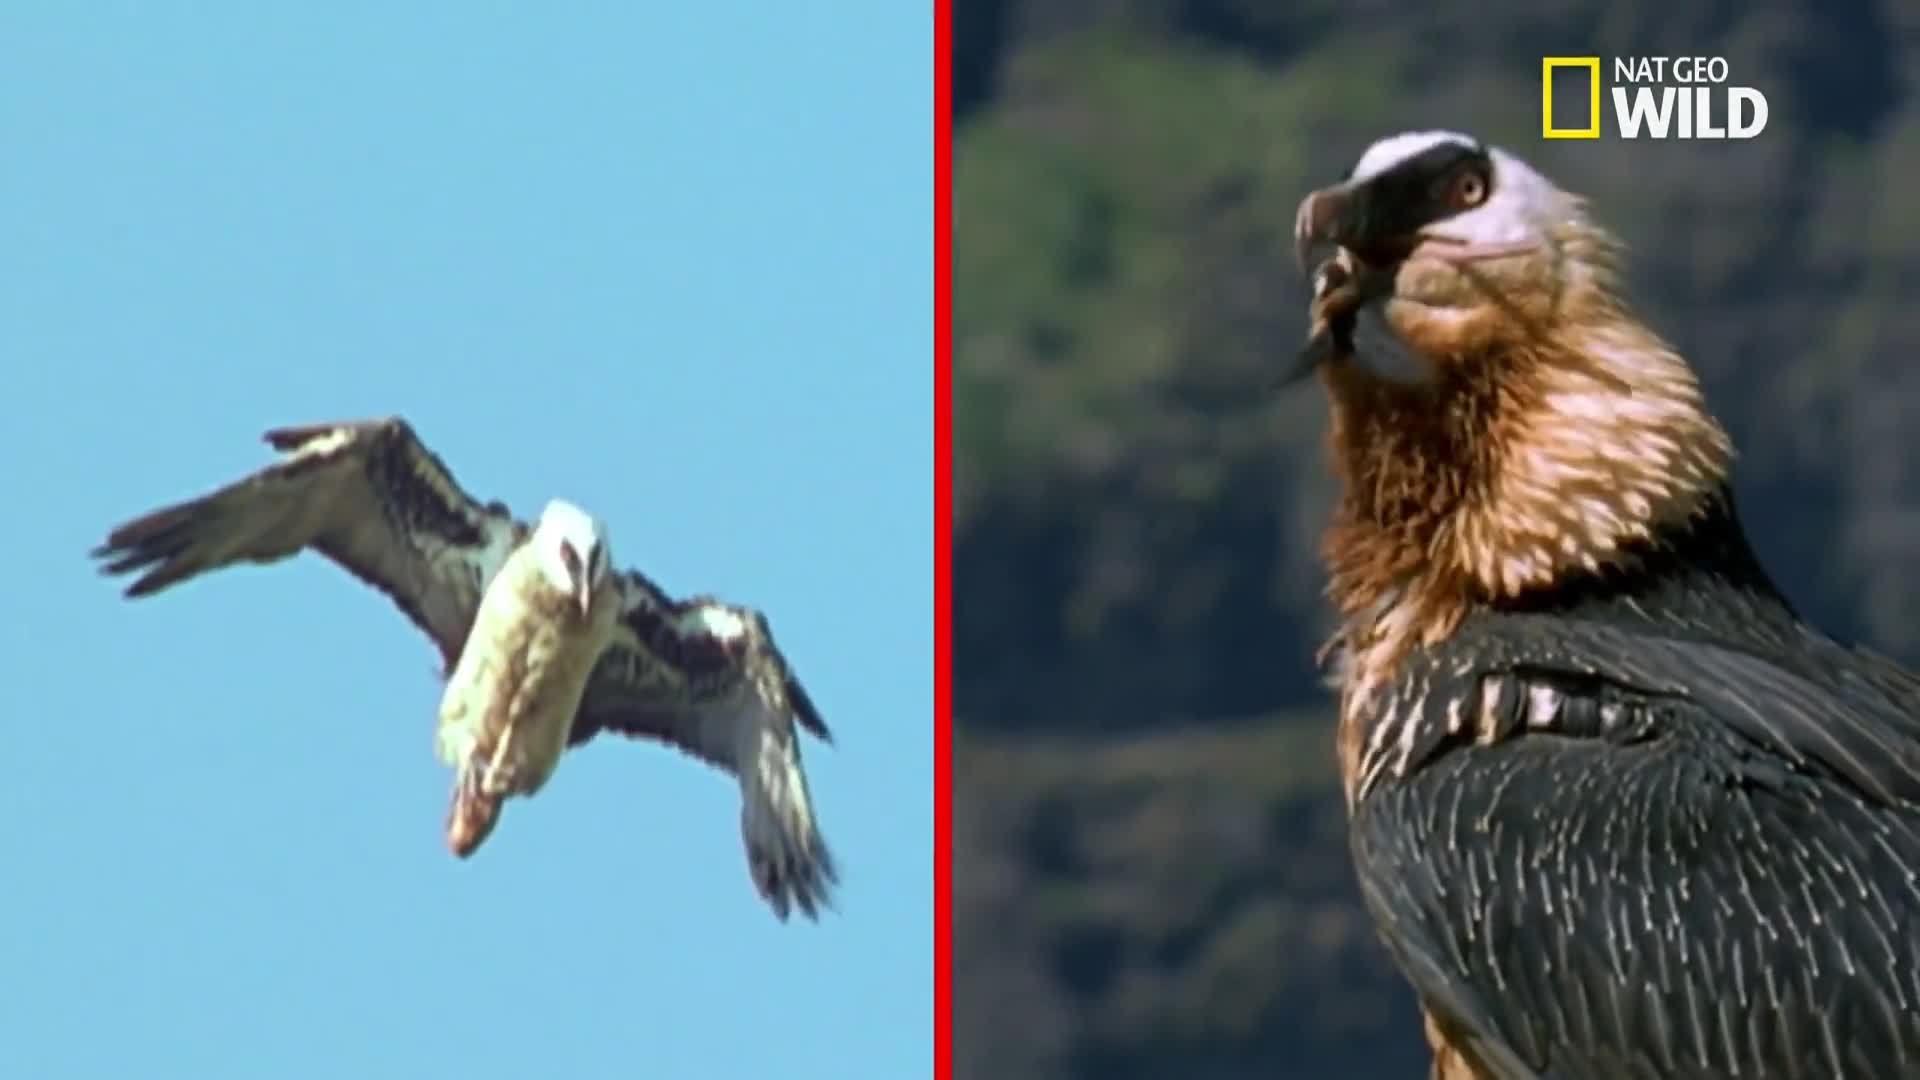 Loài chim duy nhất biết cách đập vỡ xương động vật để ăn tủy